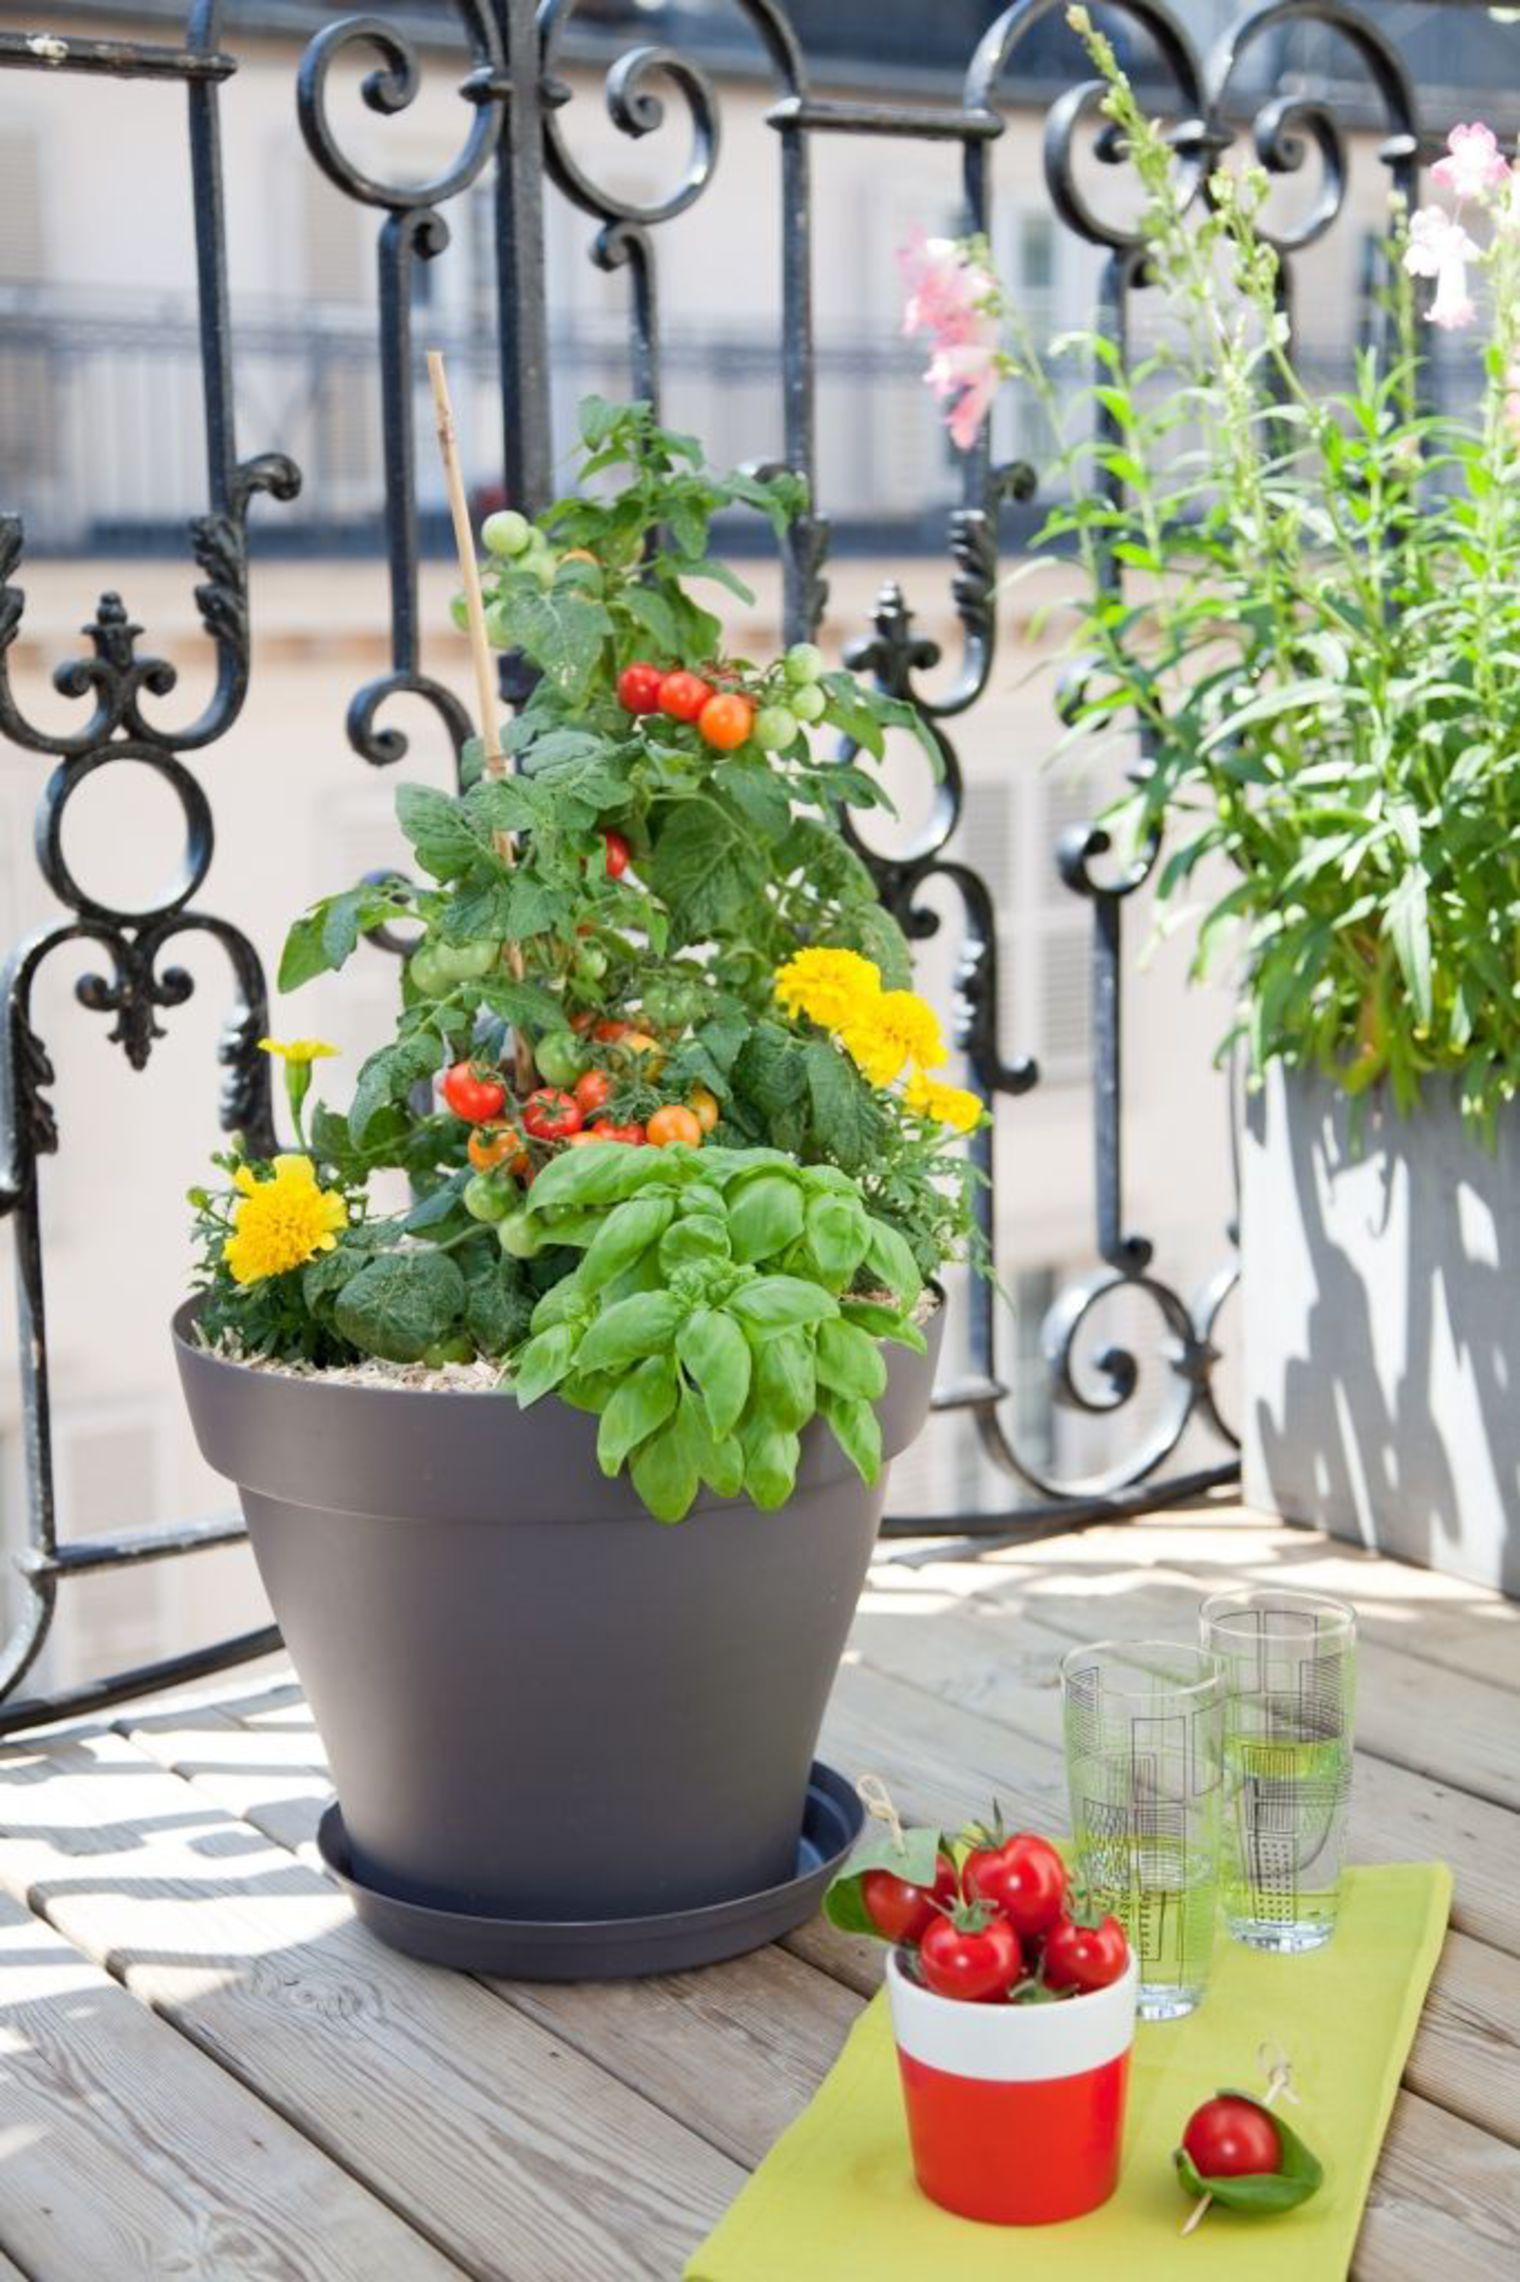 Comment faire pousser des tomates awesome arrosage - Arrosage basilic en pot ...